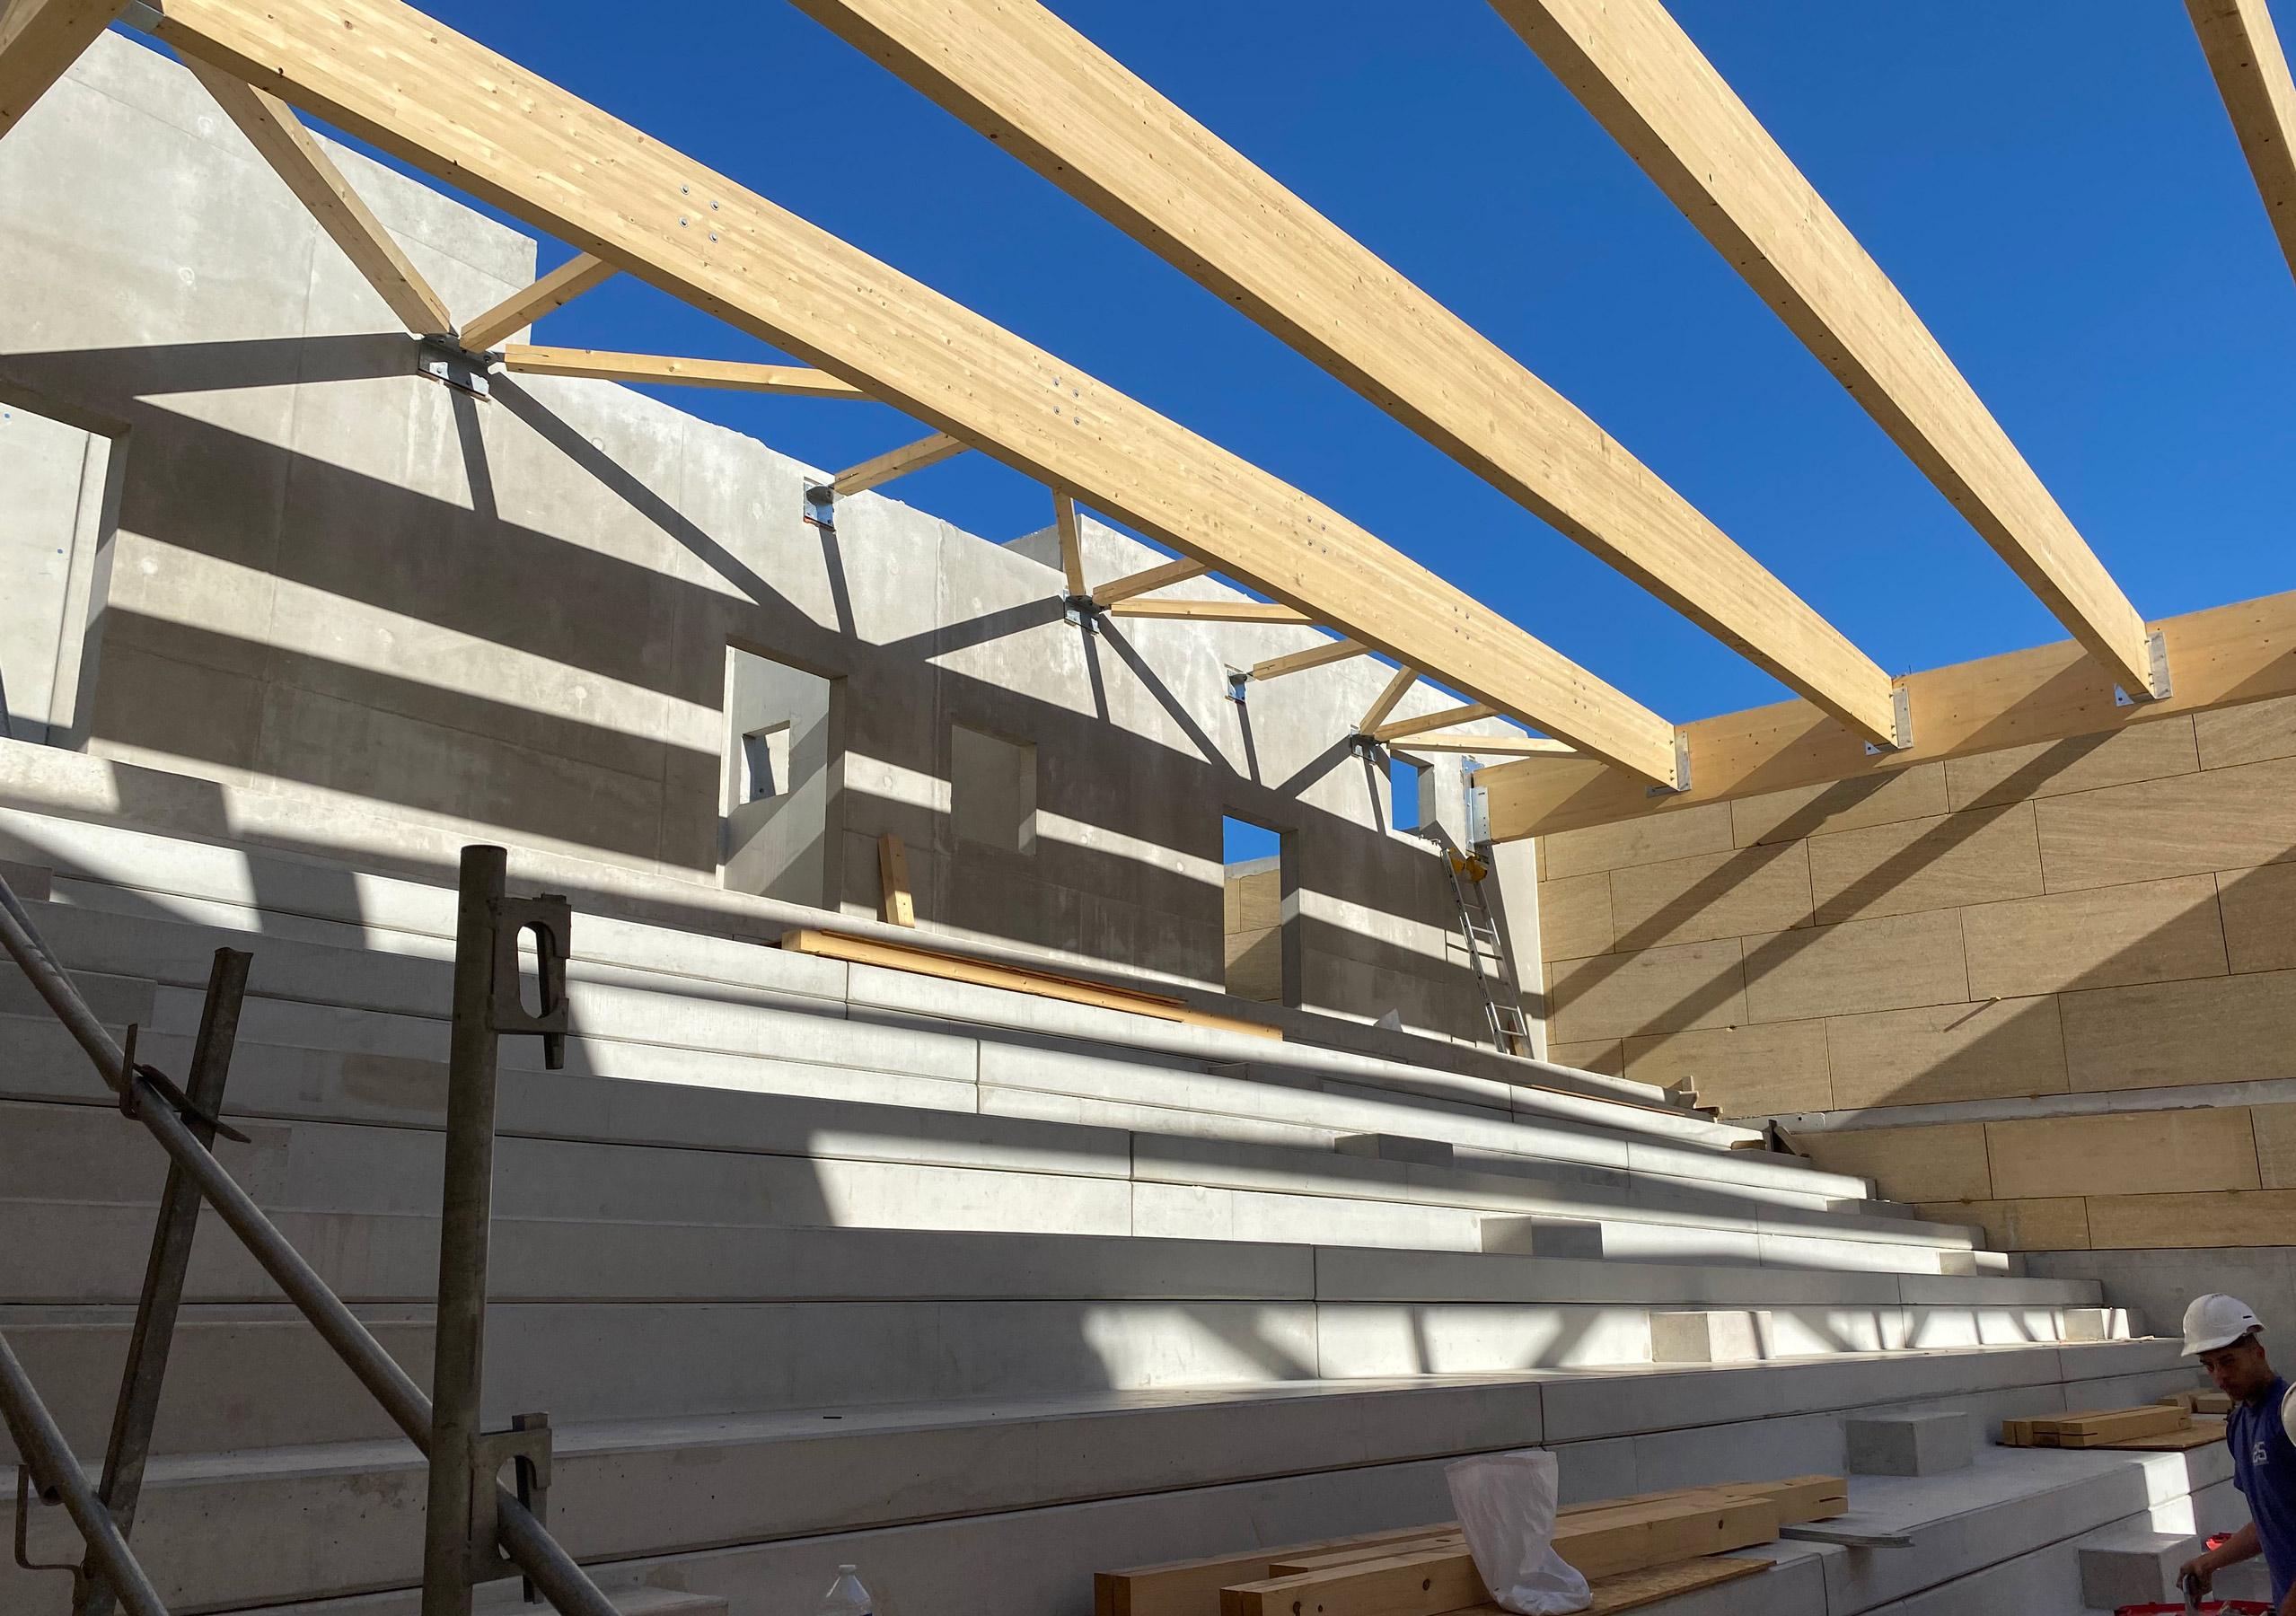 groupe scolaire_Rousson_photo de chantier - auditorium